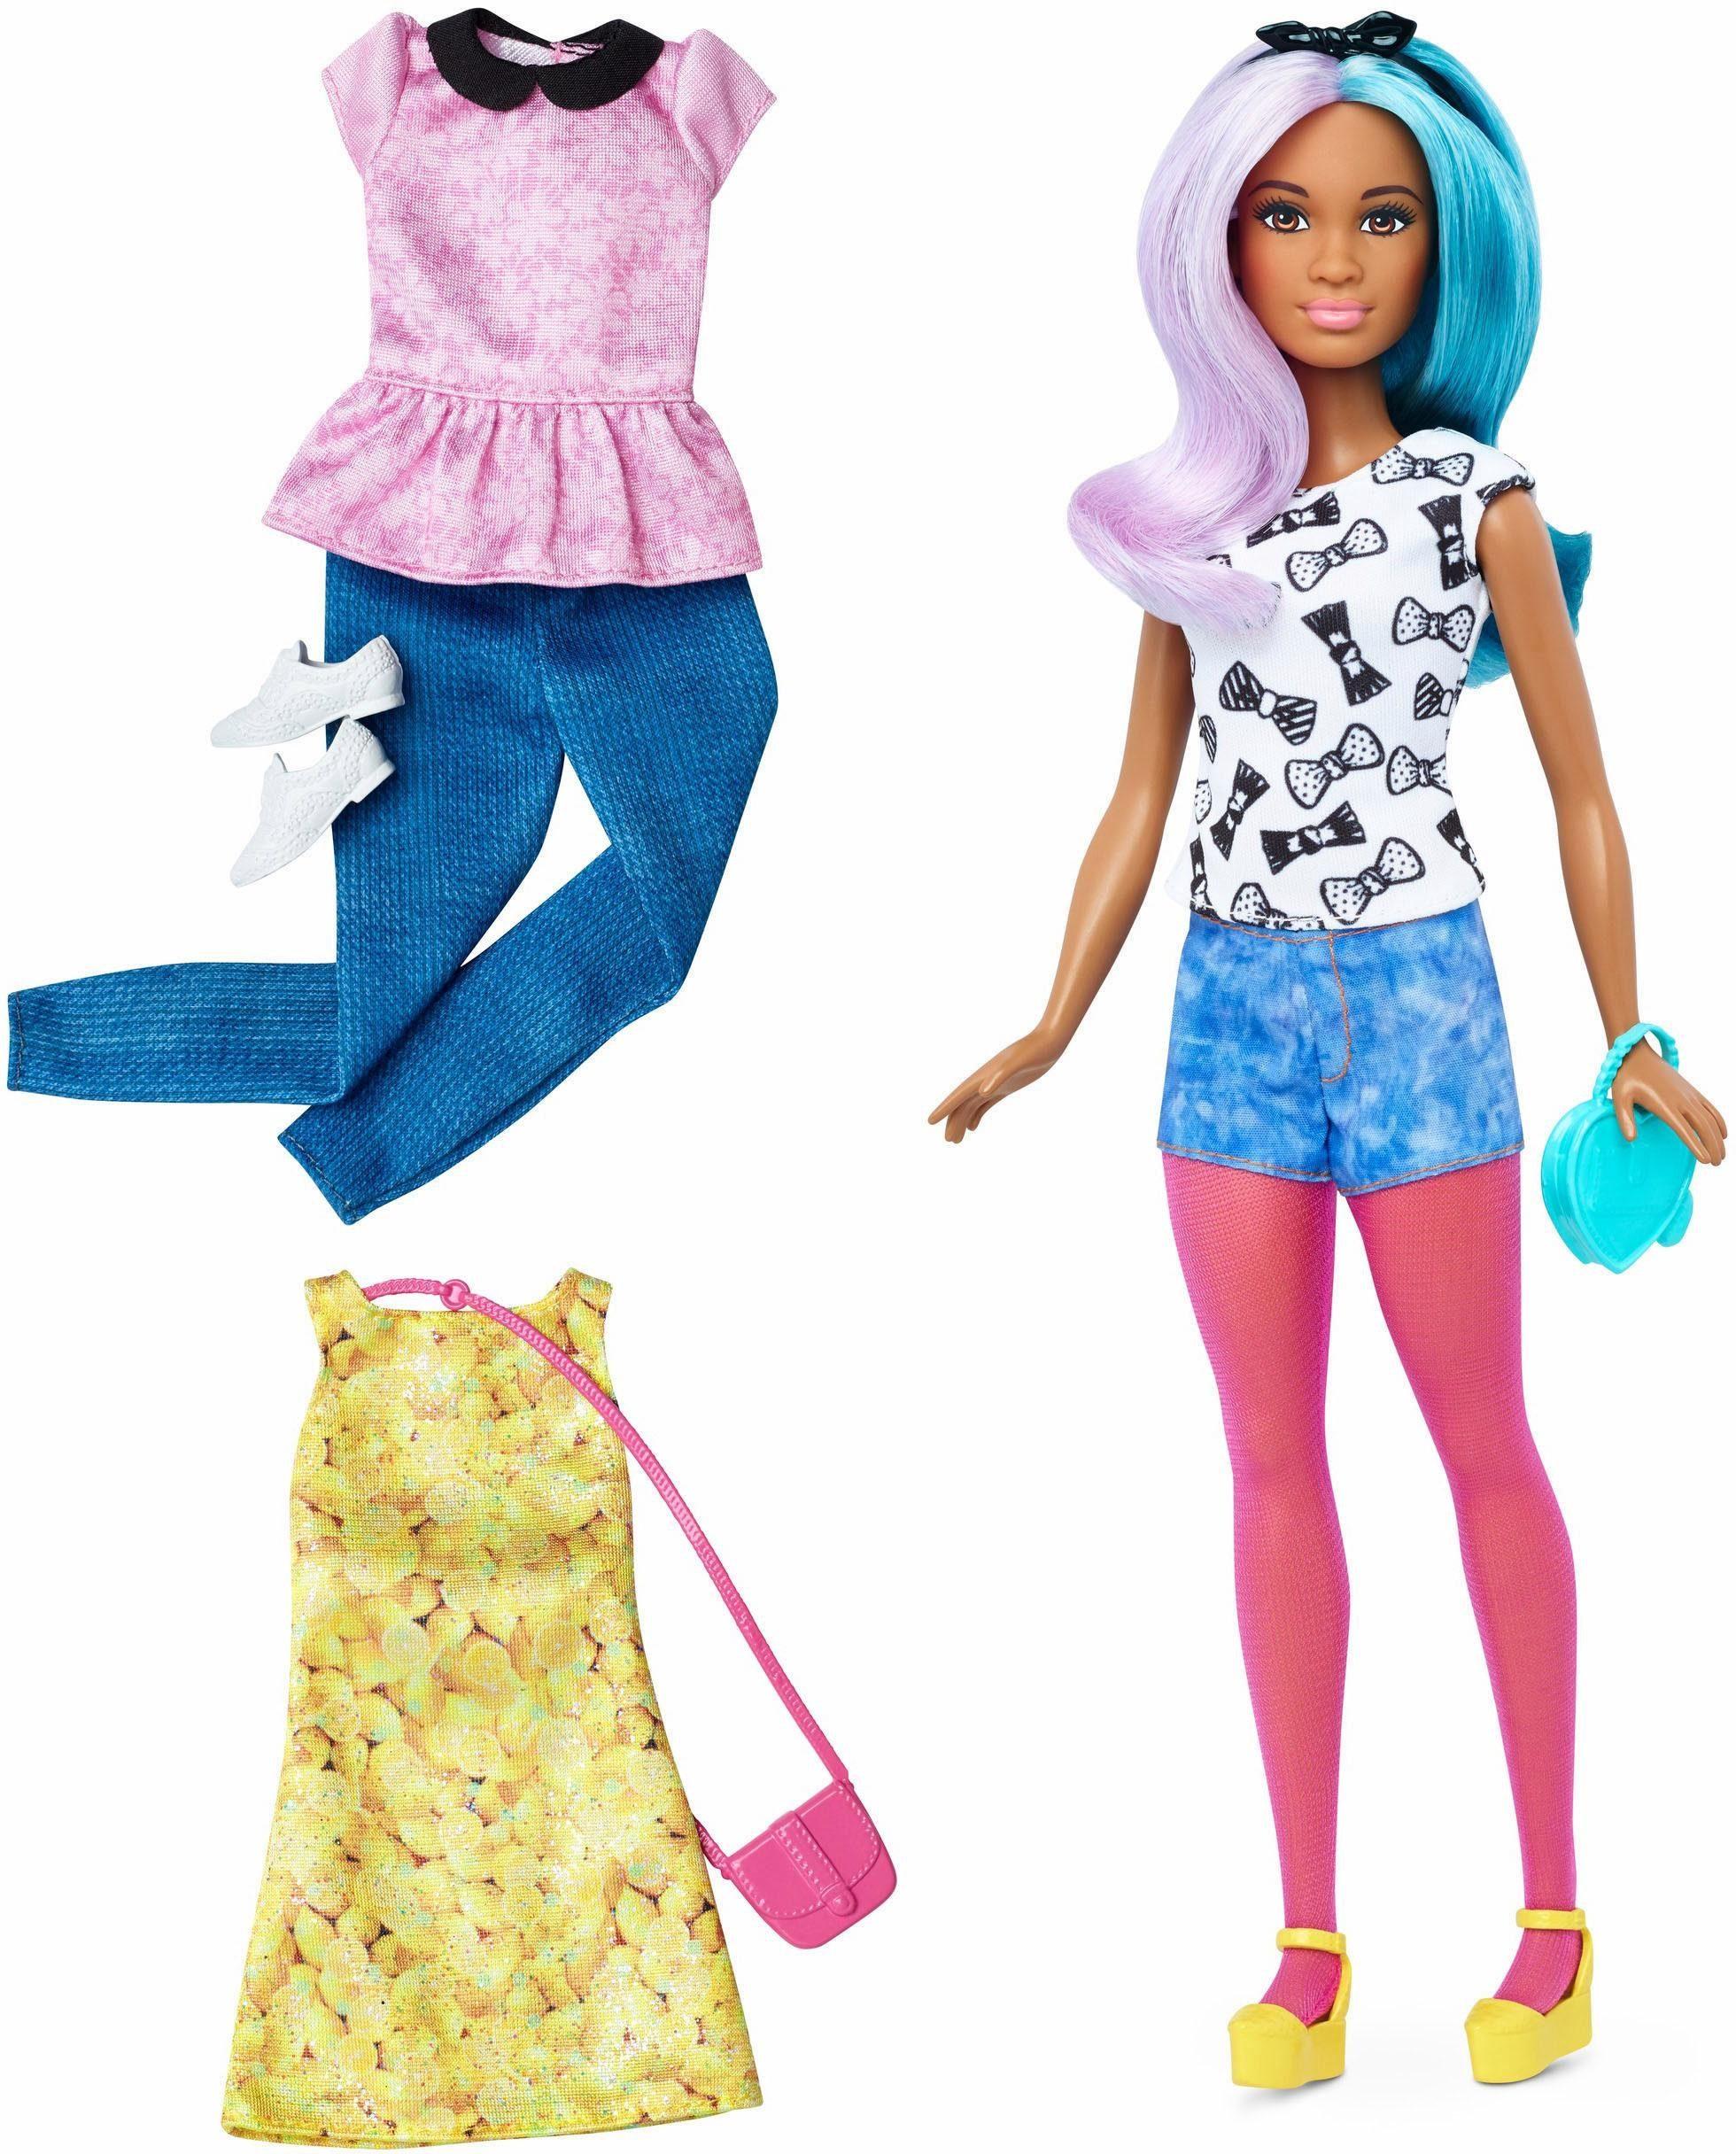 Mattel Puppe, »Barbie Fashionistas Style Puppe und Moden mit Blau-Lila Haaren«